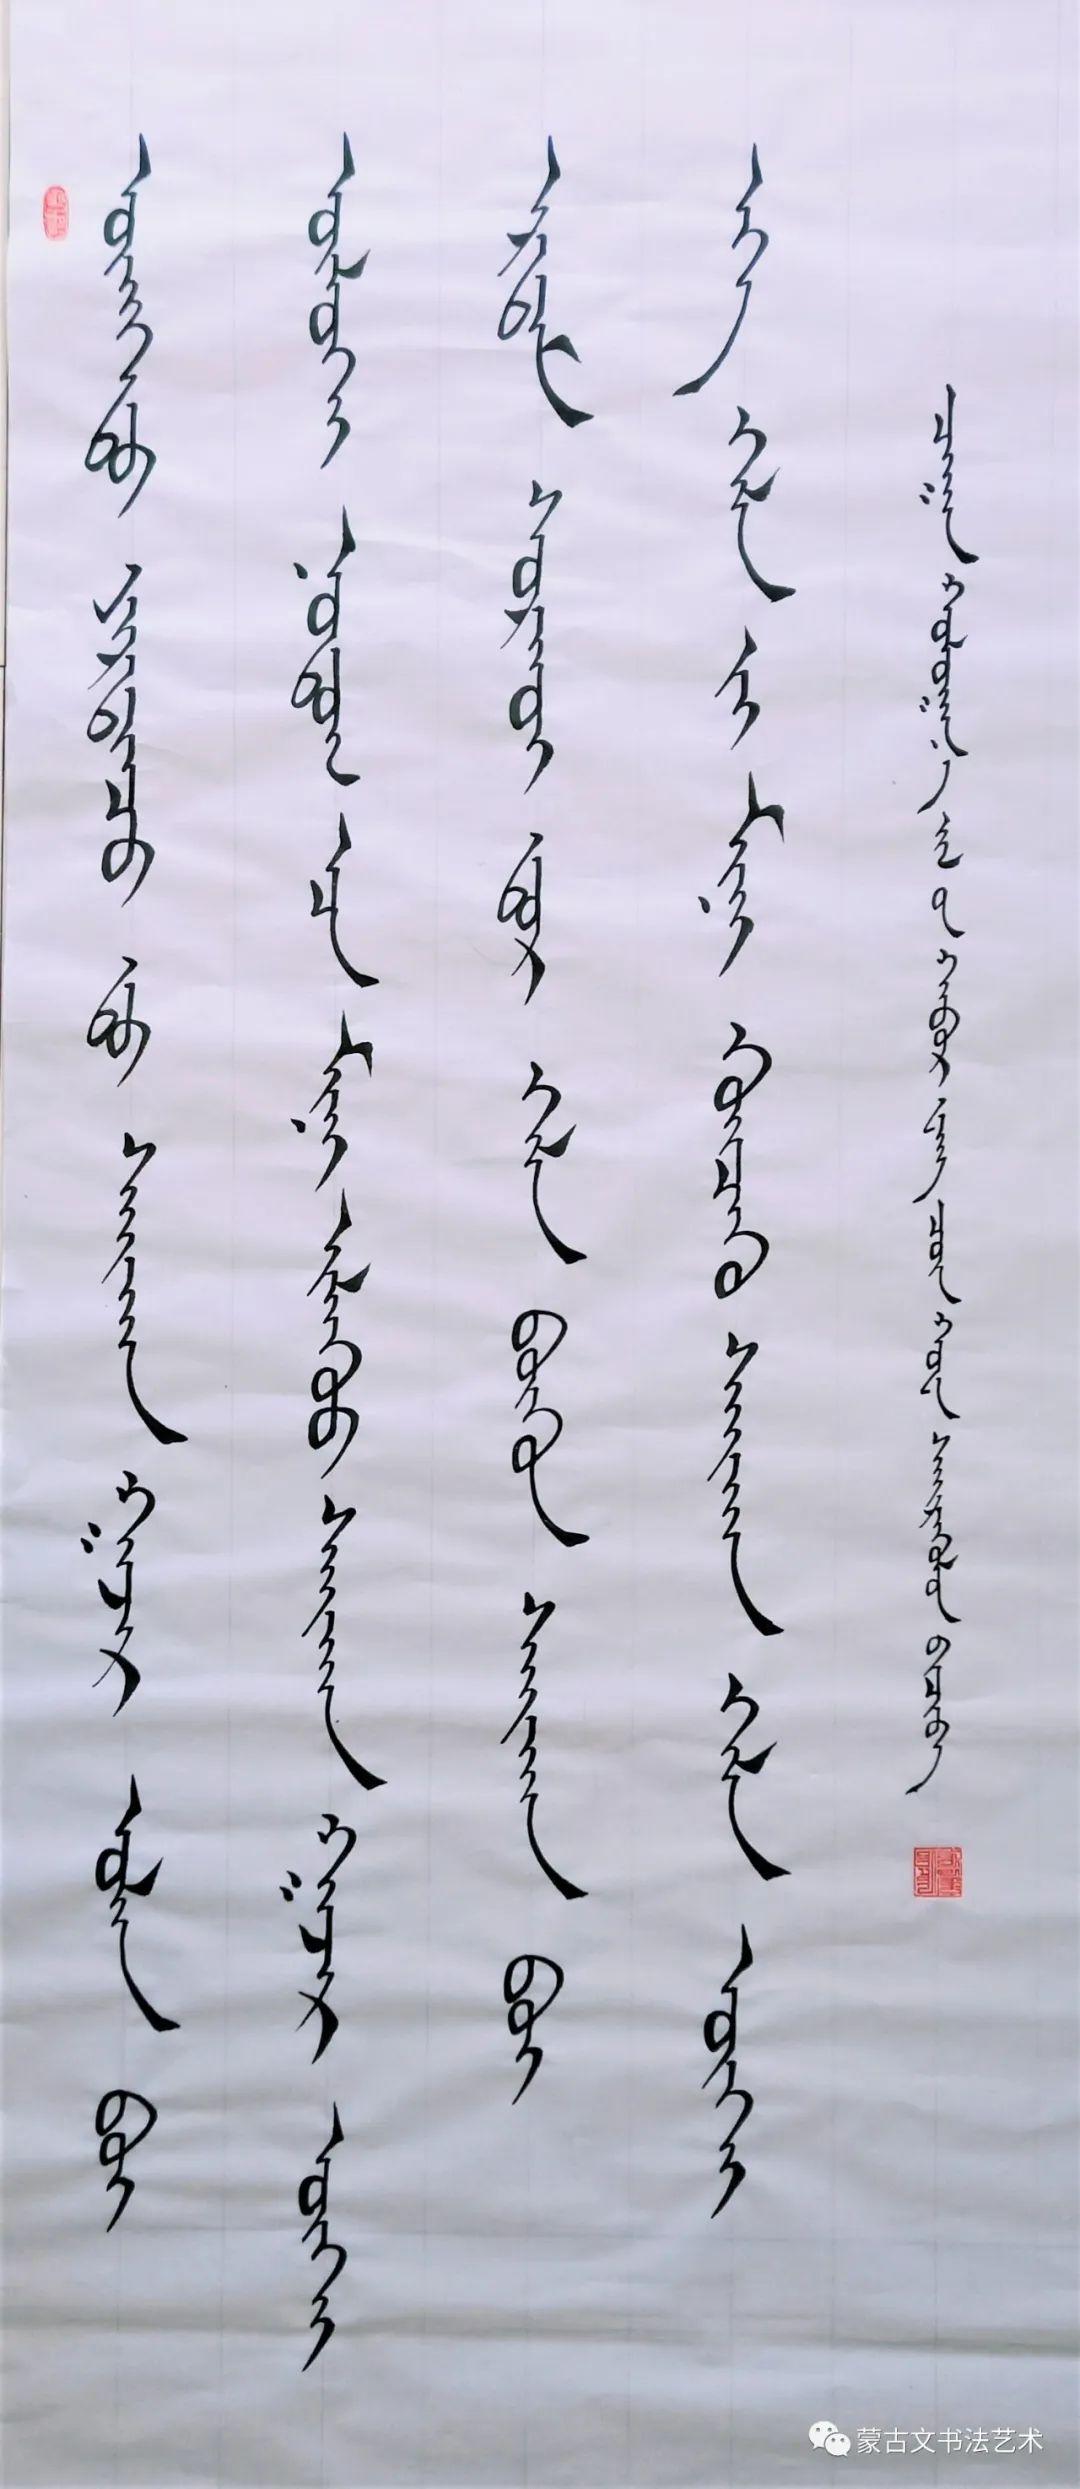 王春花蒙古文书法 第7张 王春花蒙古文书法 蒙古书法